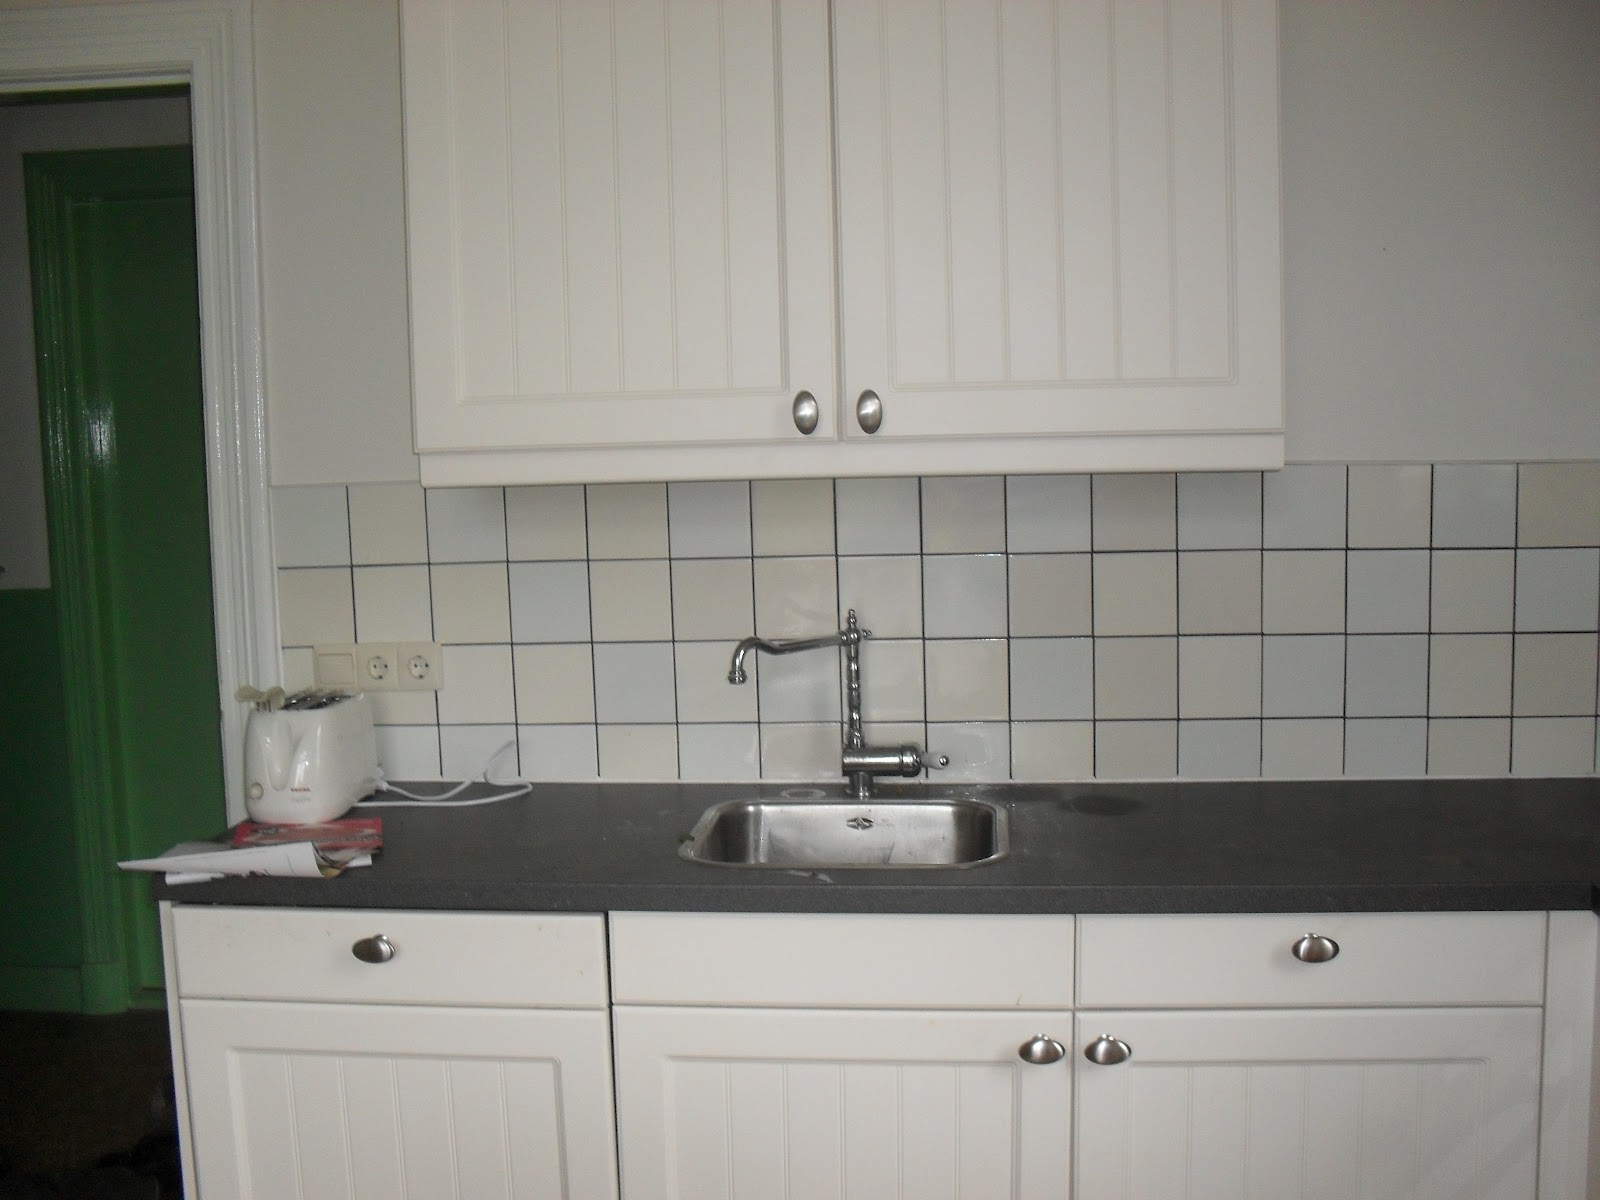 Keuken Achterwand Goedkoop : Toch maar tegels als keukenachterwand huisvlijt